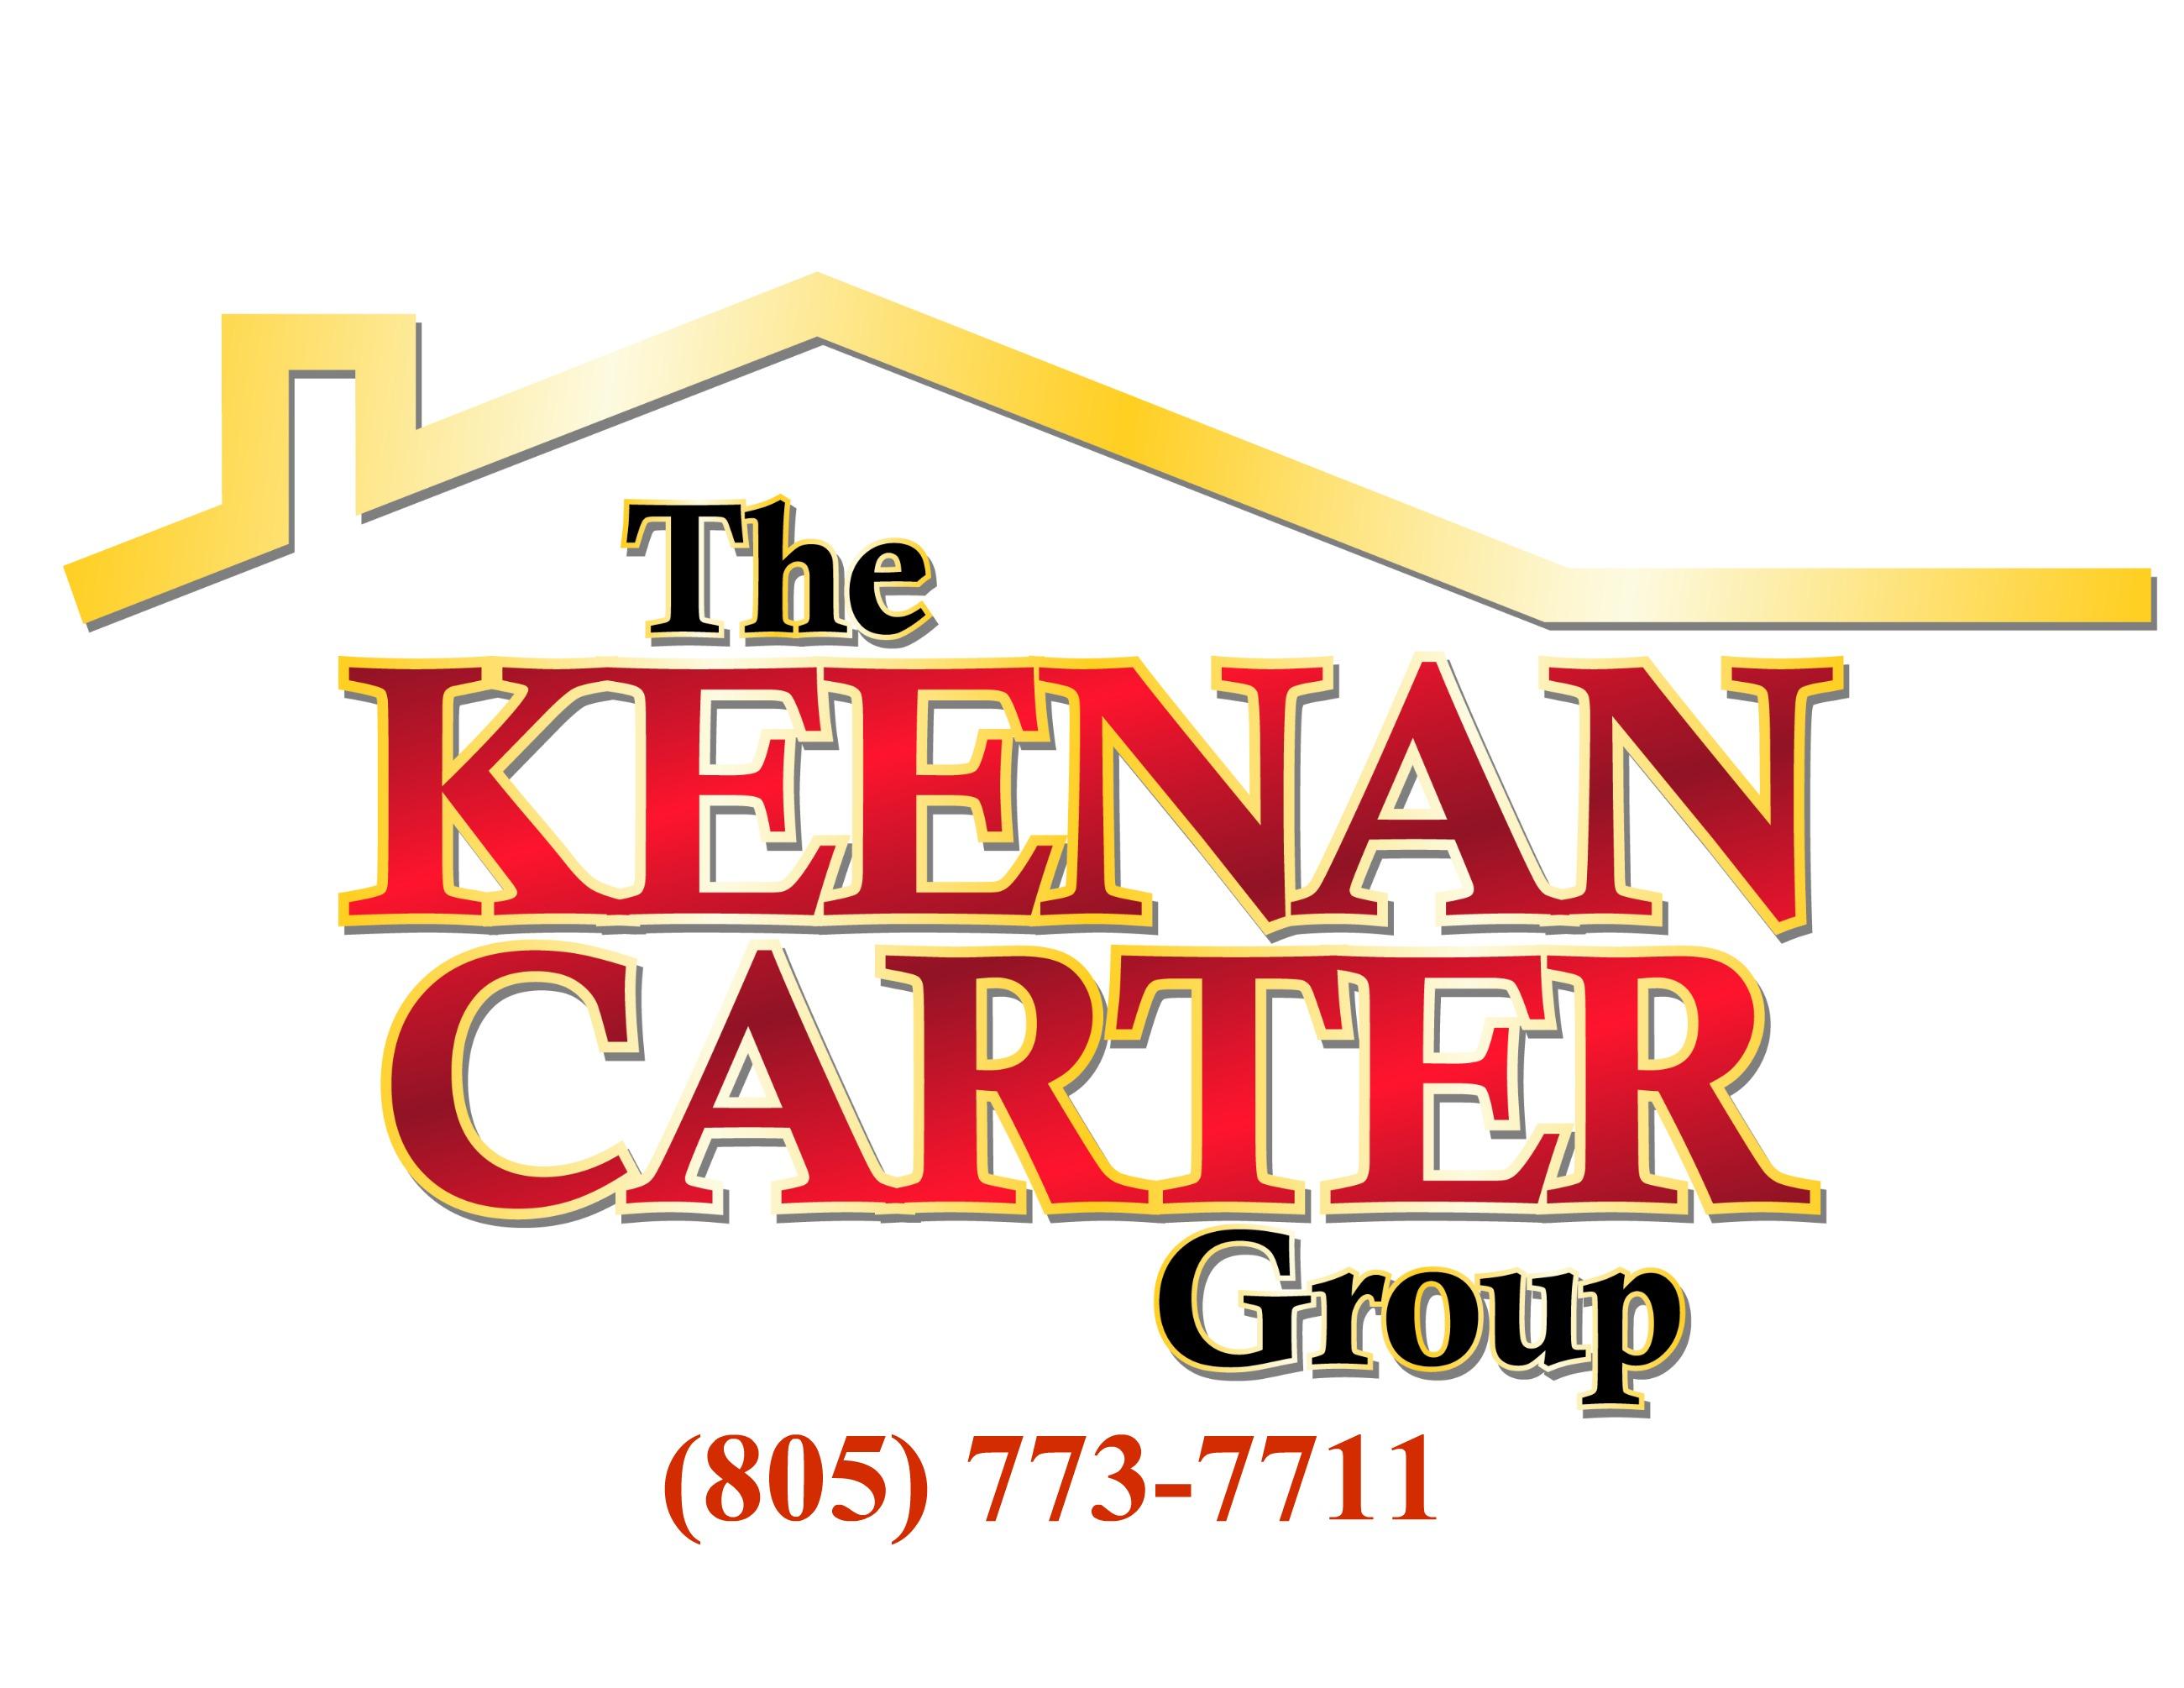 The Keenan Carter Group